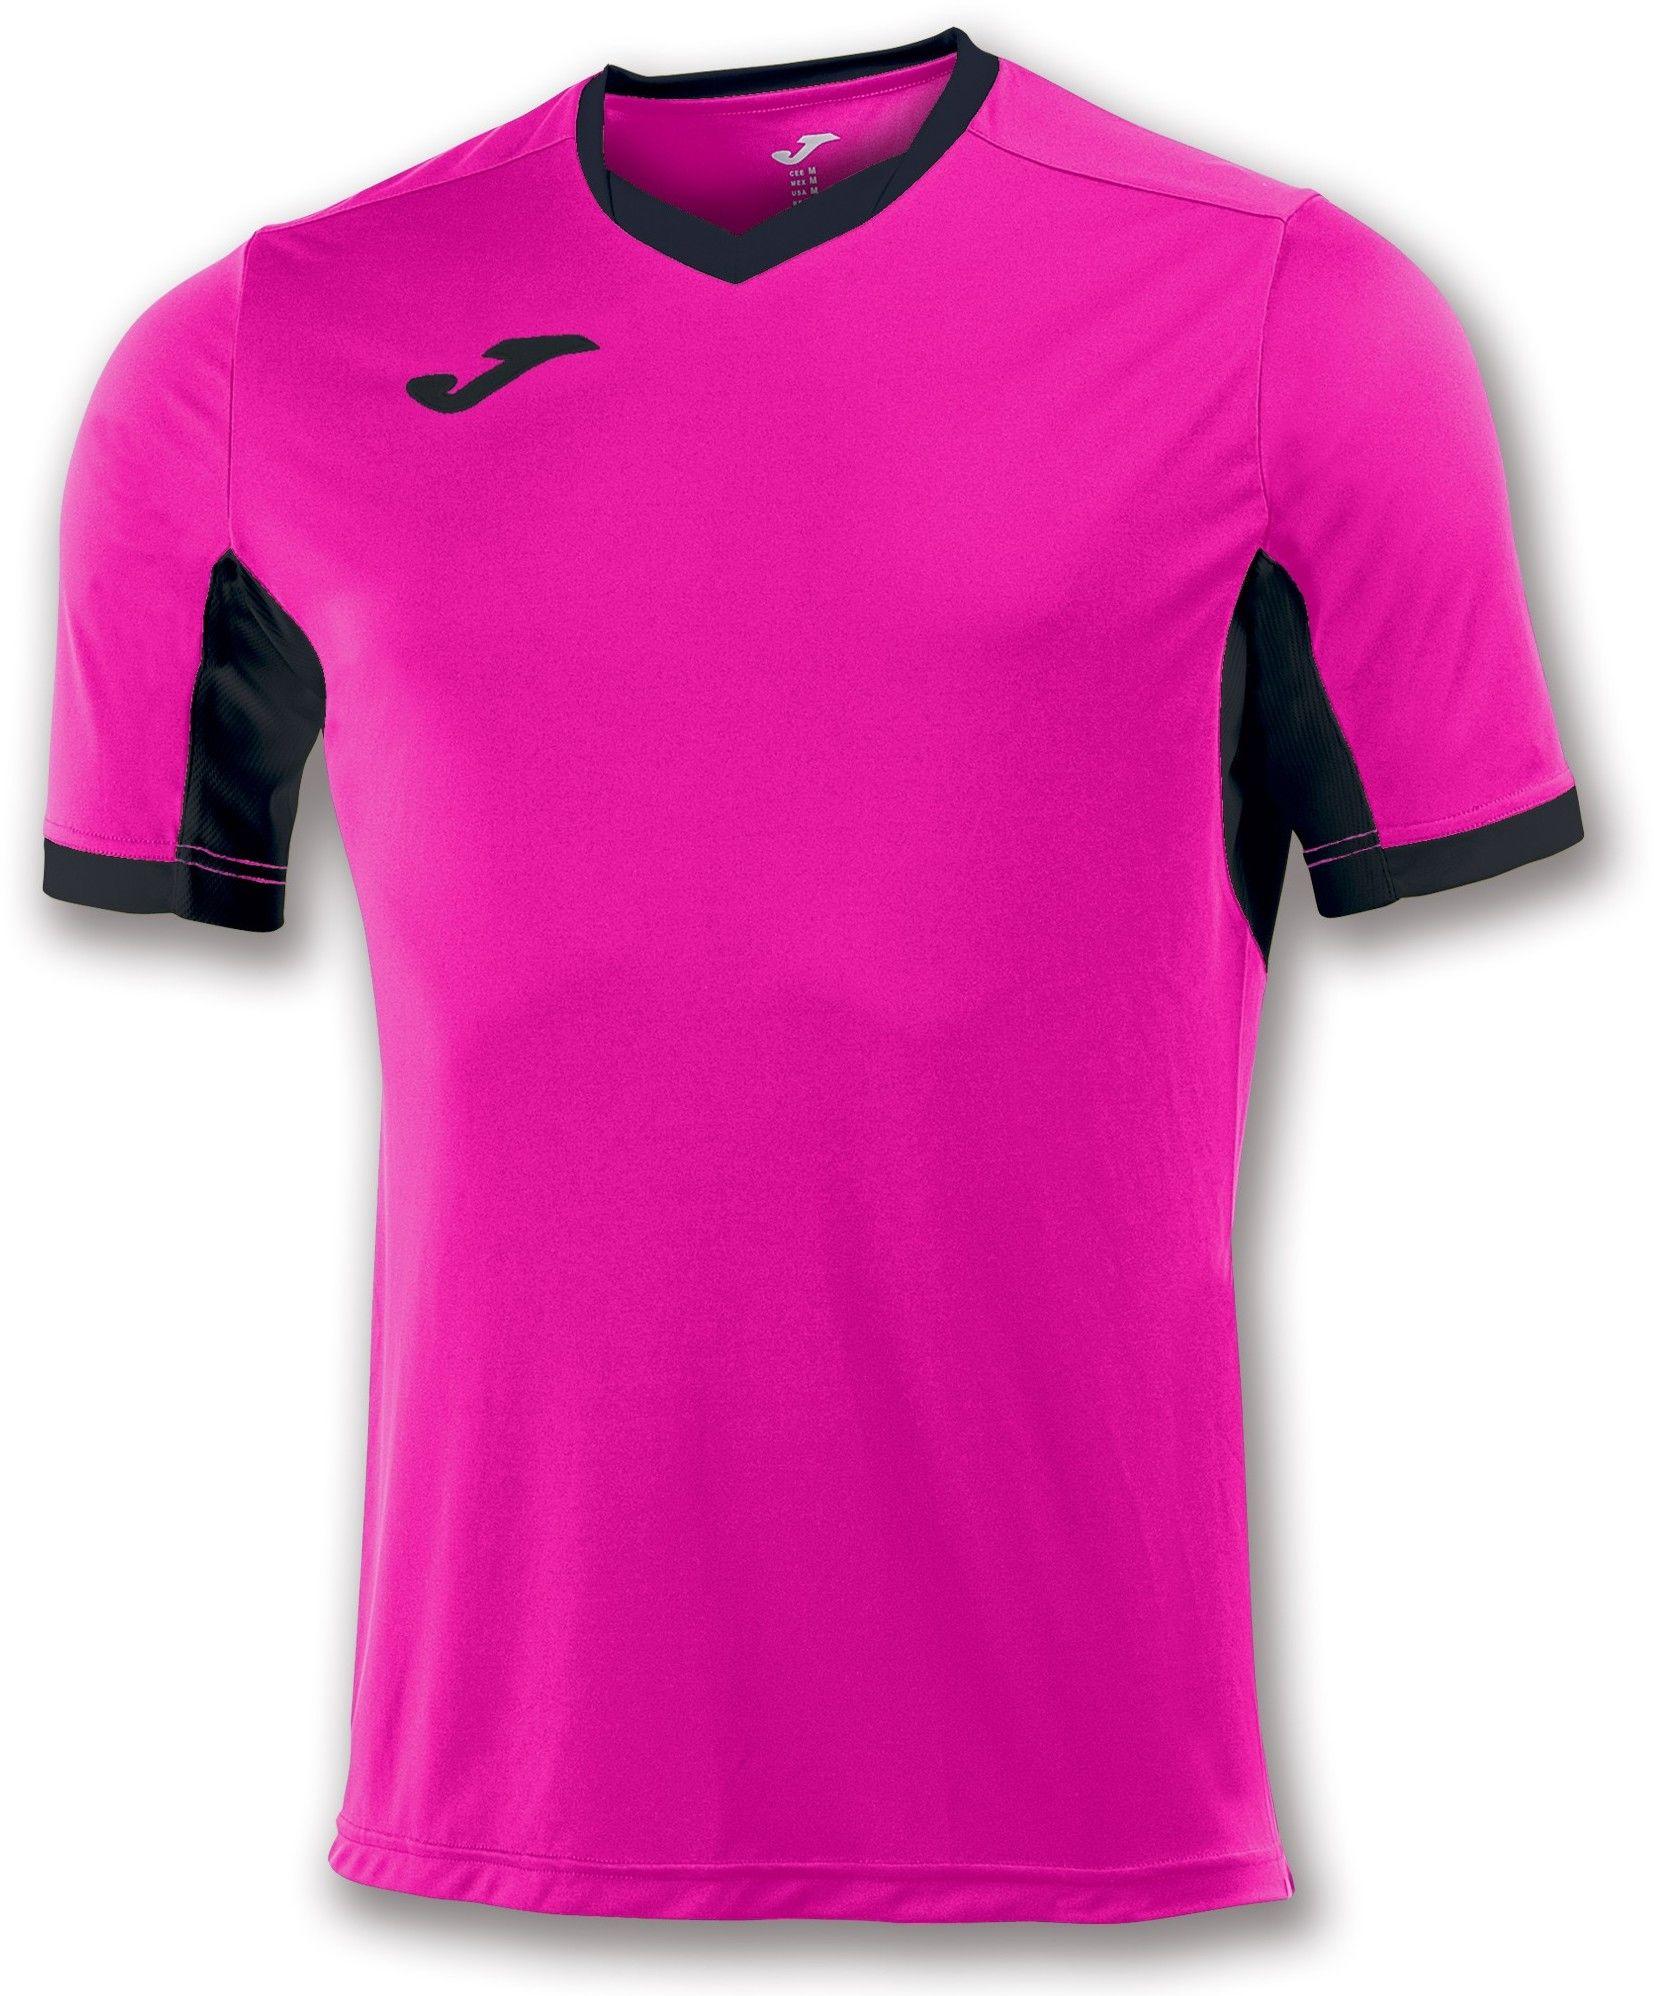 Koszulka Joma Champion IV pink fluor/black (10 szt.)